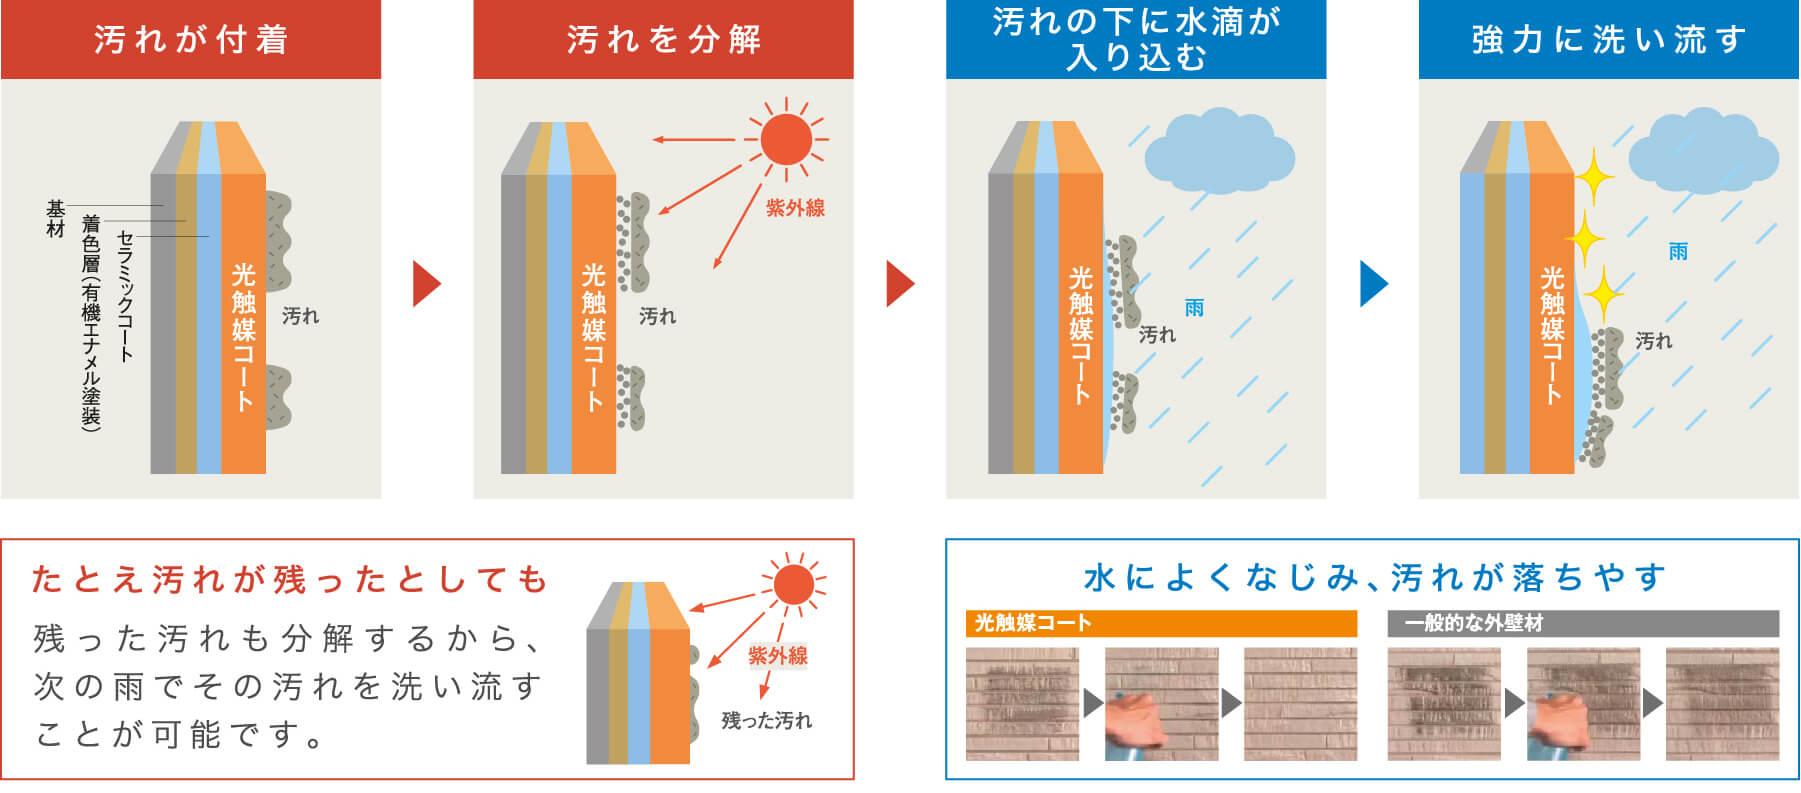 たとえ汚れが残ったとしても残った汚れも分解するから、次の雨でその汚れを洗い流すことが可能です。